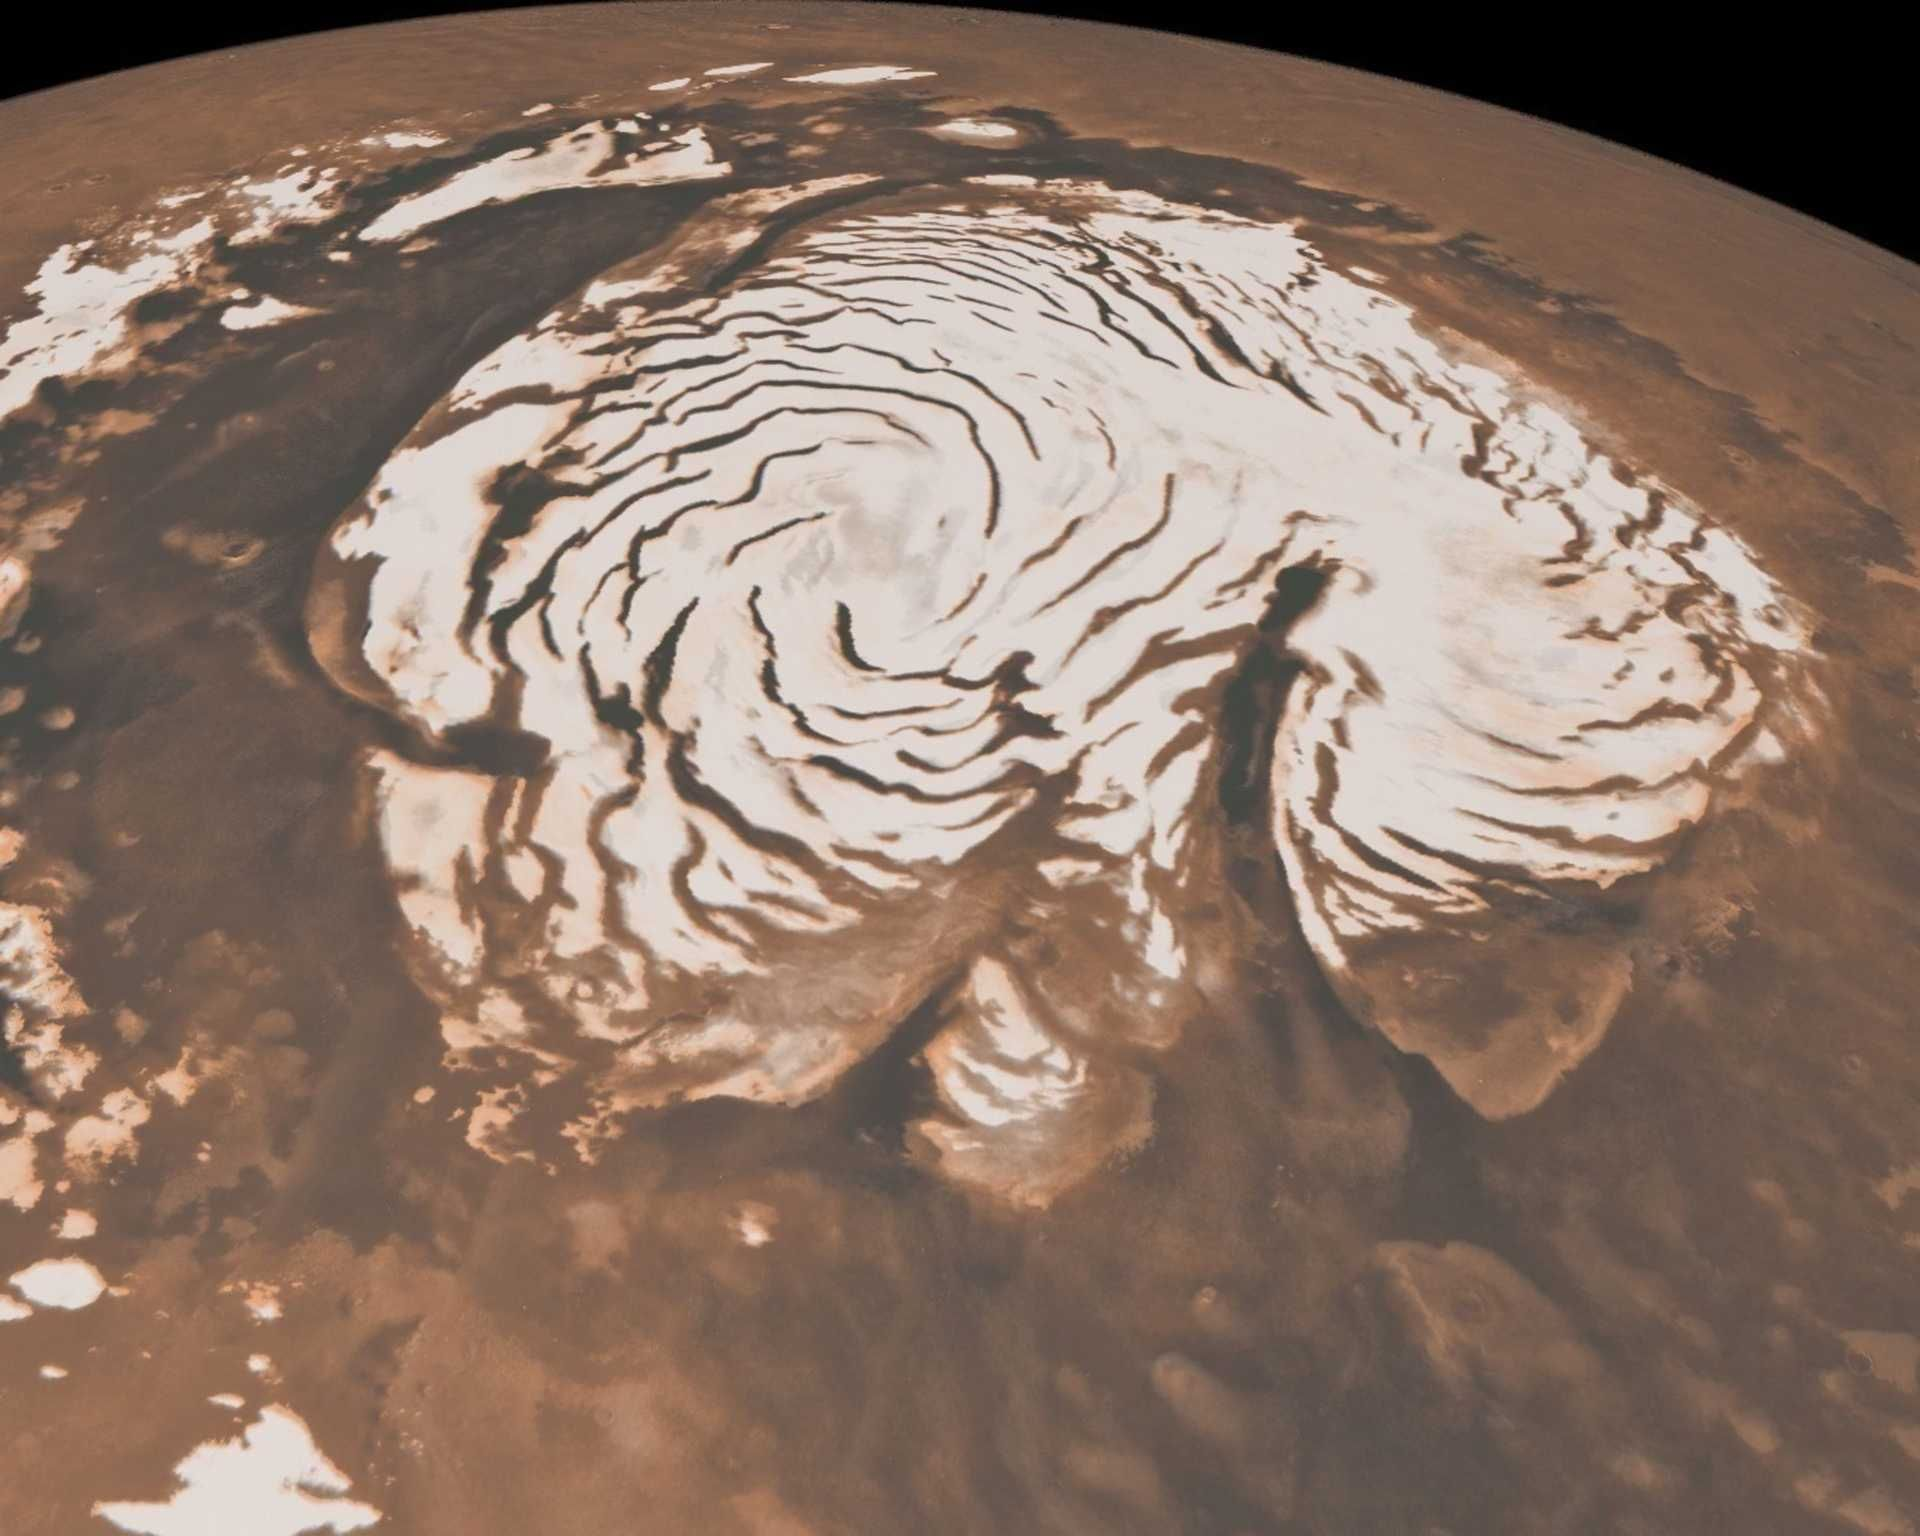 Revelan la existencia de agua líquida en Marte